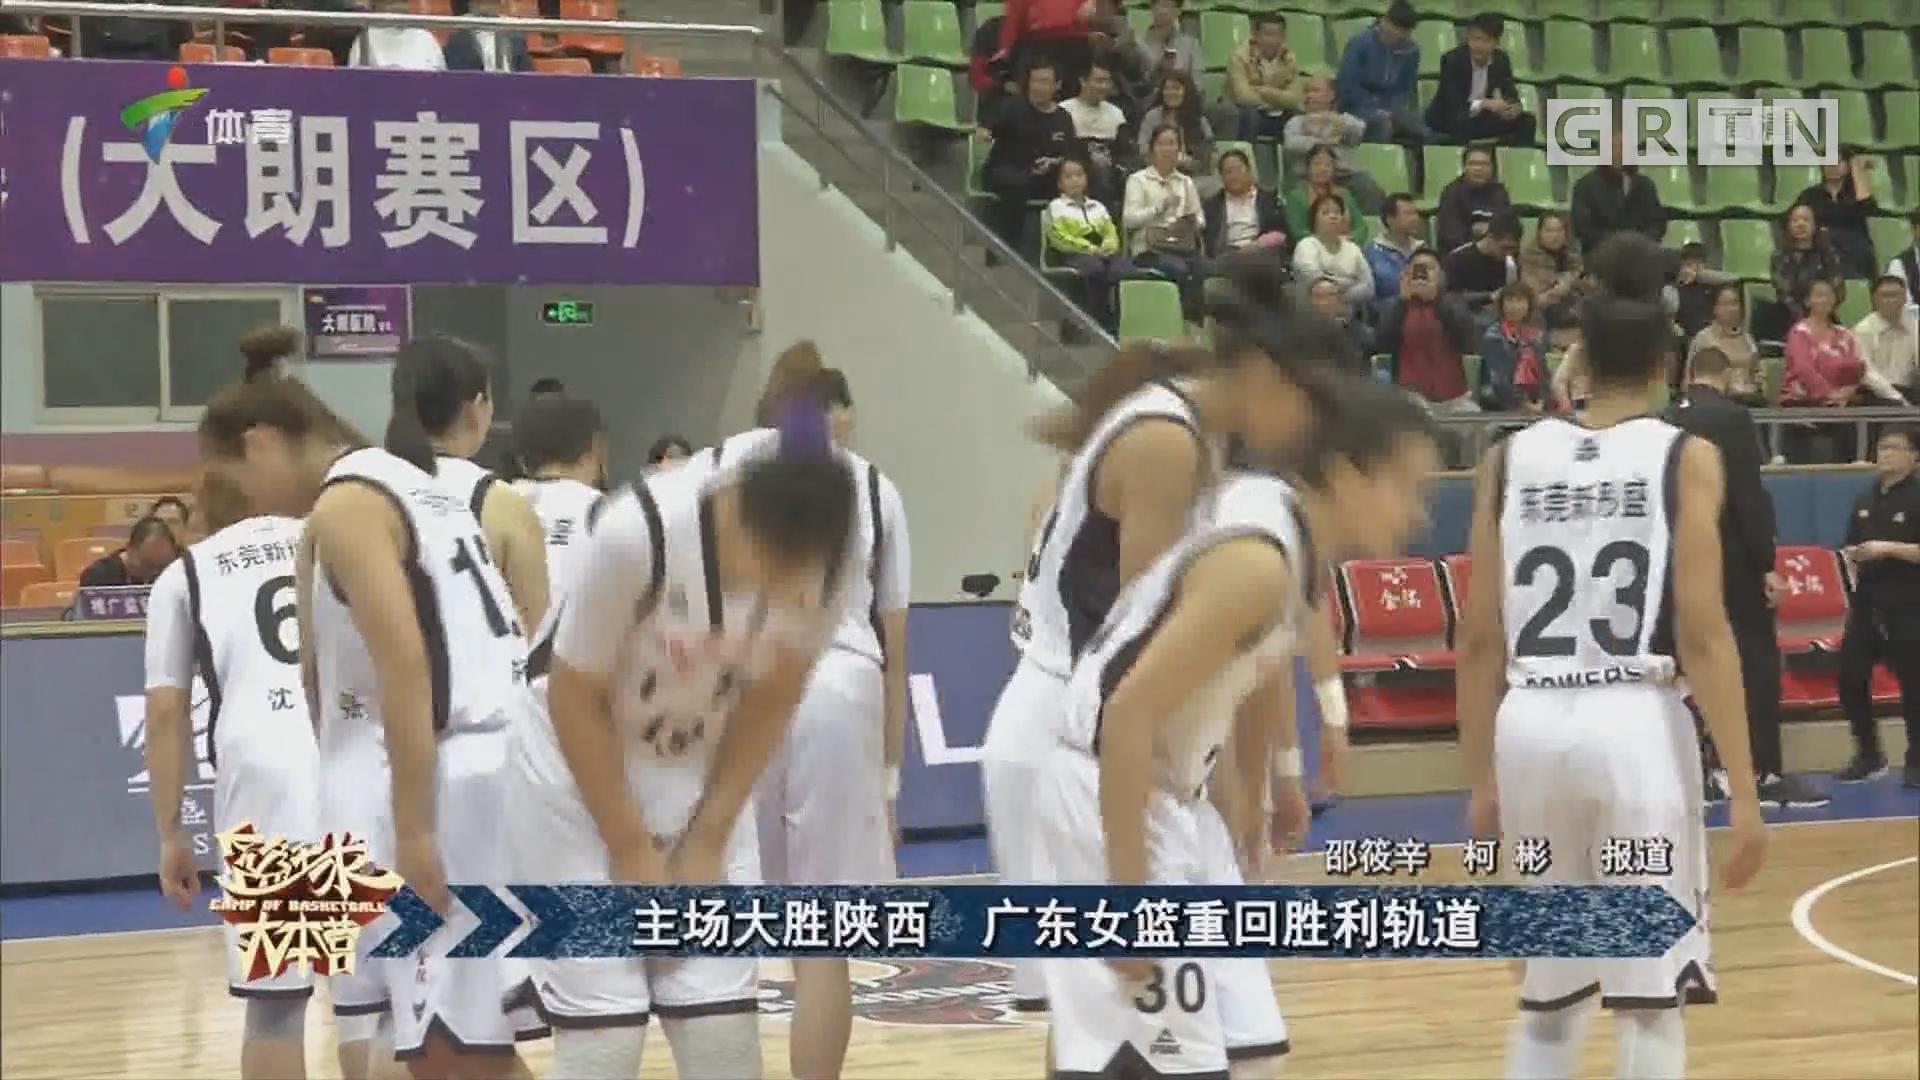 主场大胜陕西 广东女篮重回胜利轨道